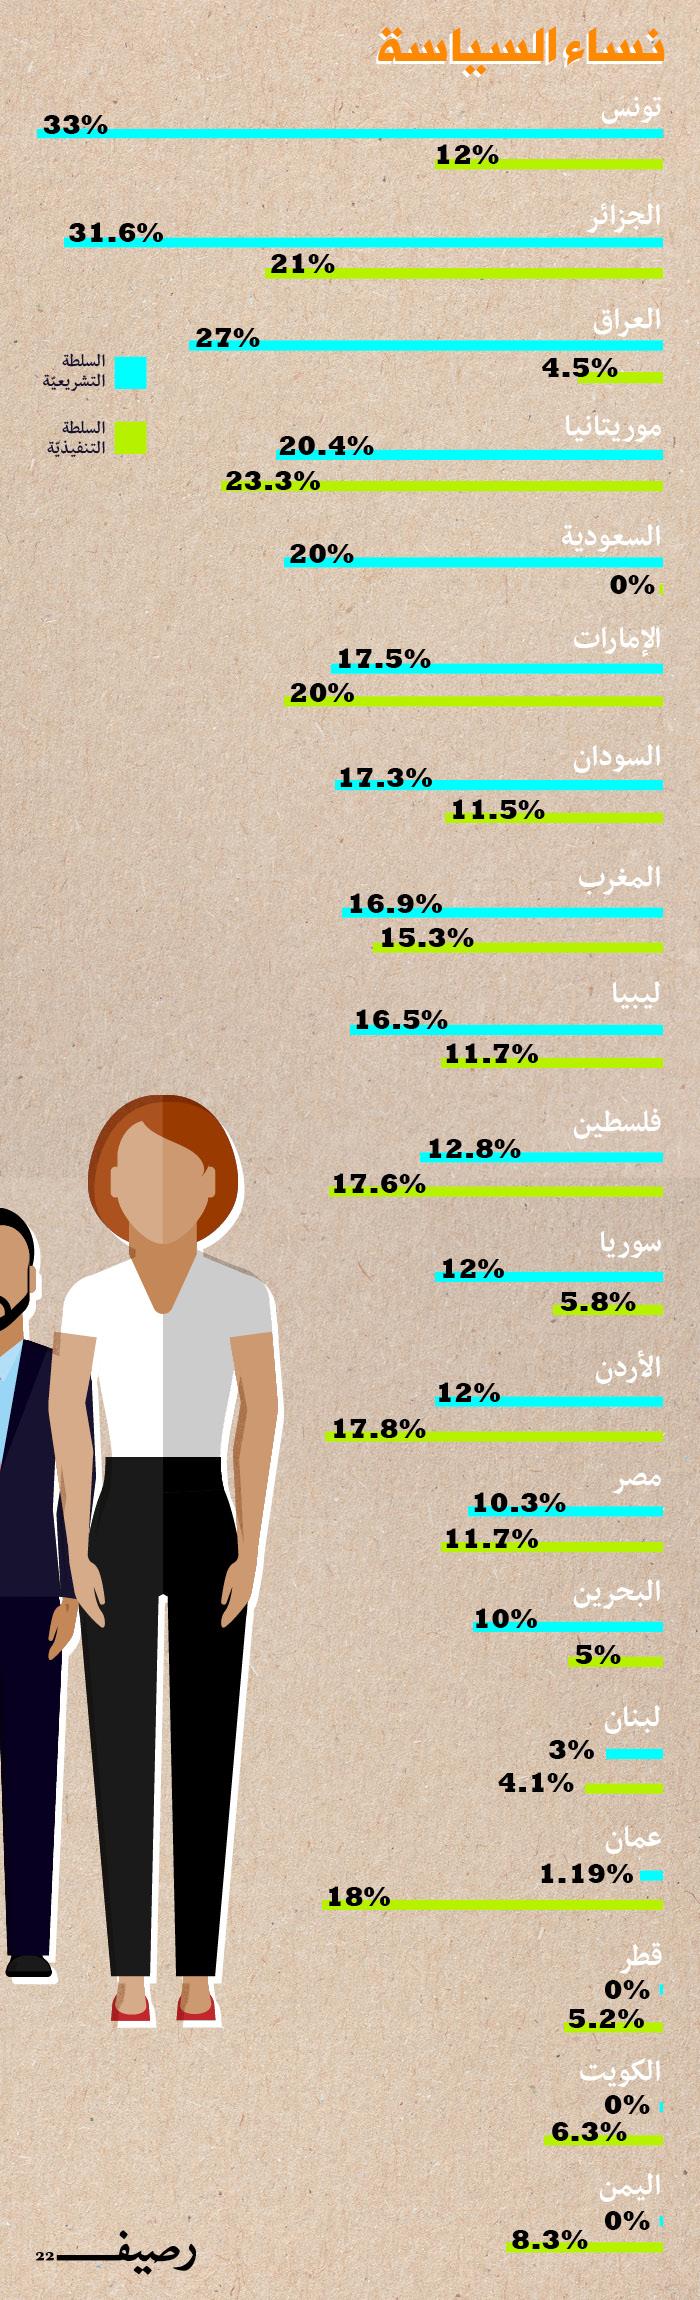 نساء السياسة العربيات - نساء السياسة في العالم العربي - إنفوجرافيك